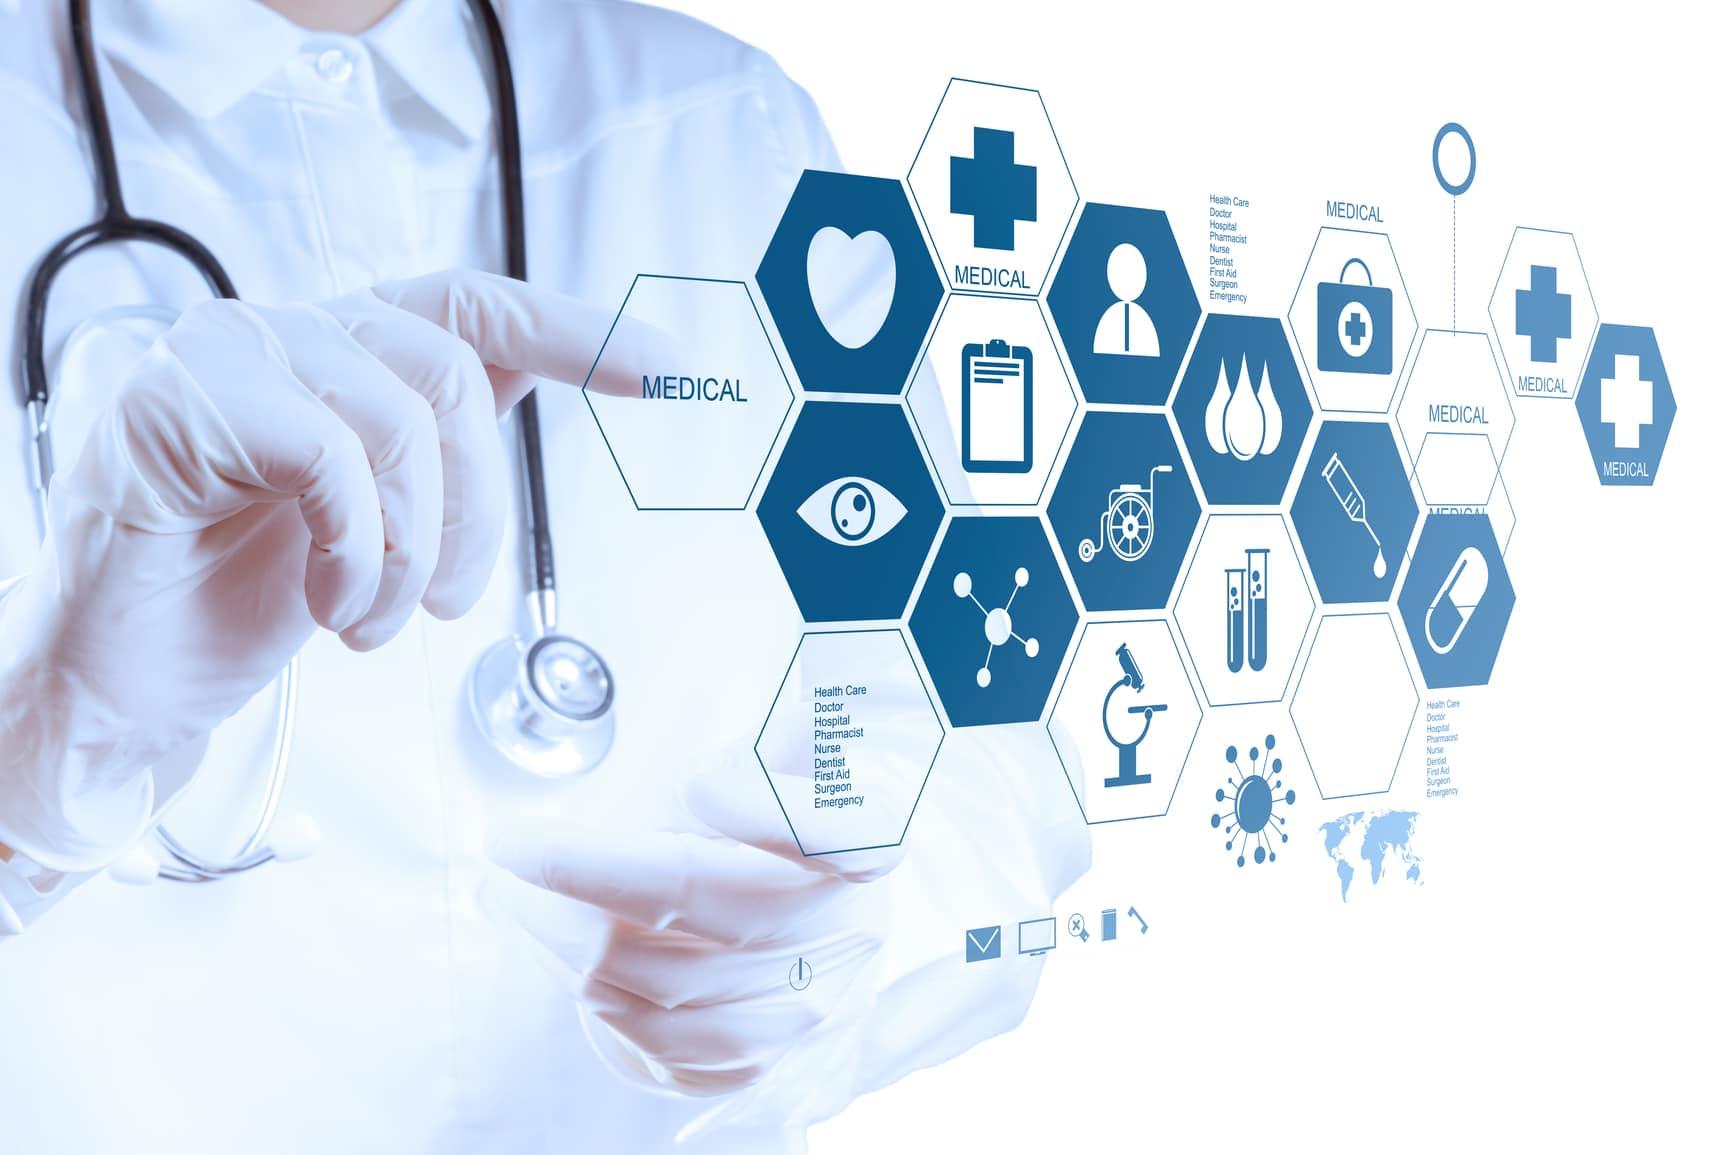 Google Health avaliou uma inteligência artificial em situação real de triagem de exames